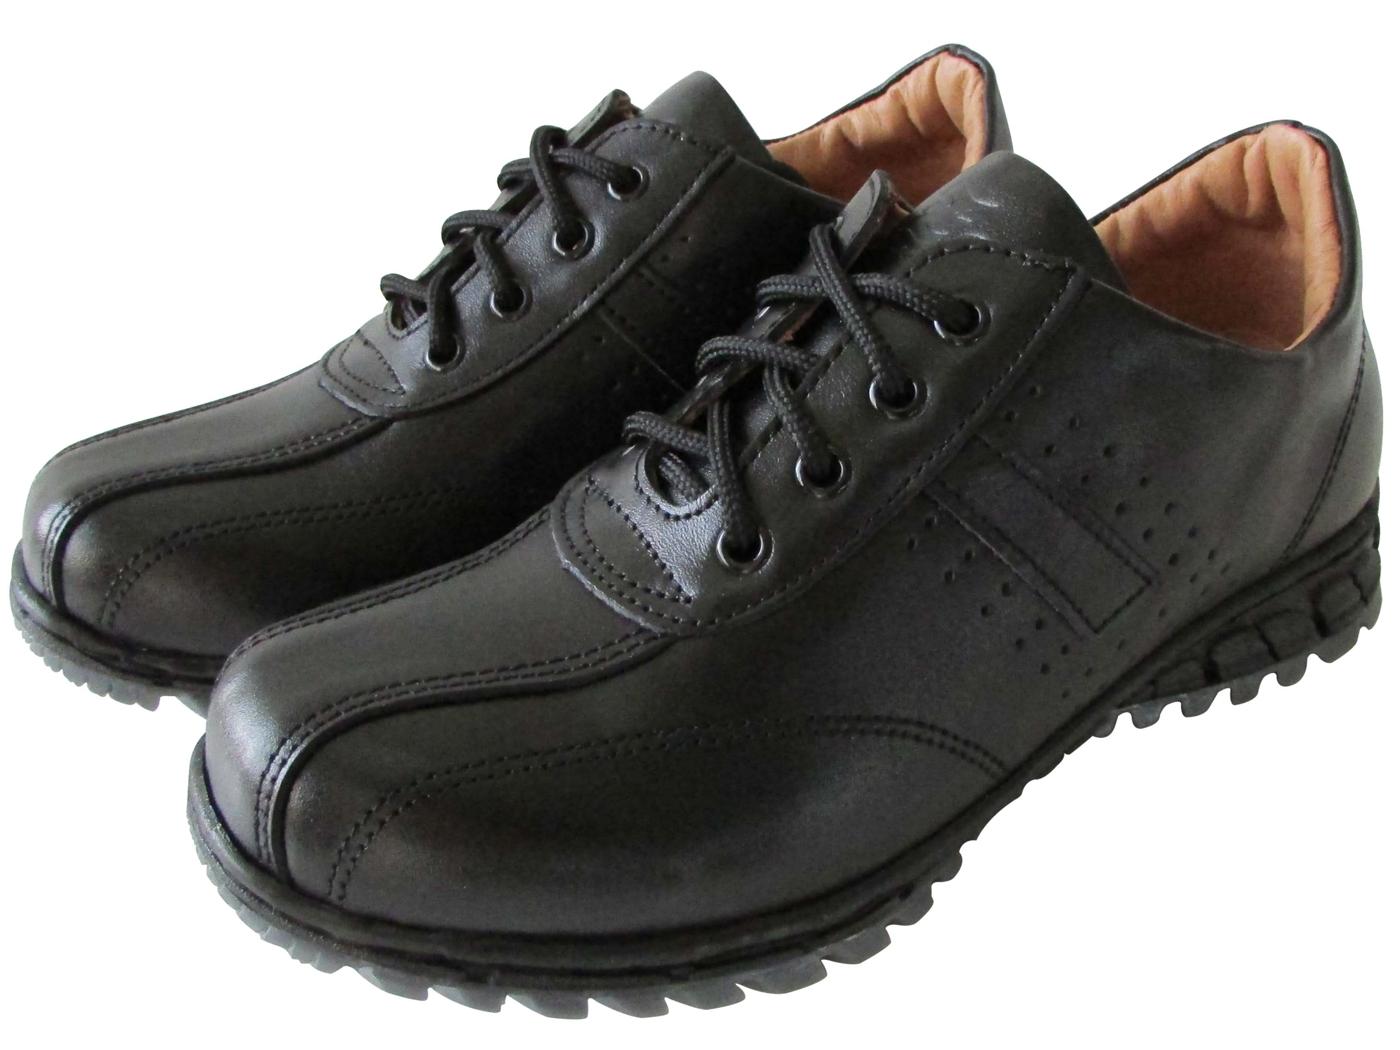 雙惠鞋櫃路豹Zobr百搭基本素面款女牛皮休閒鞋台灣製造T624A黑